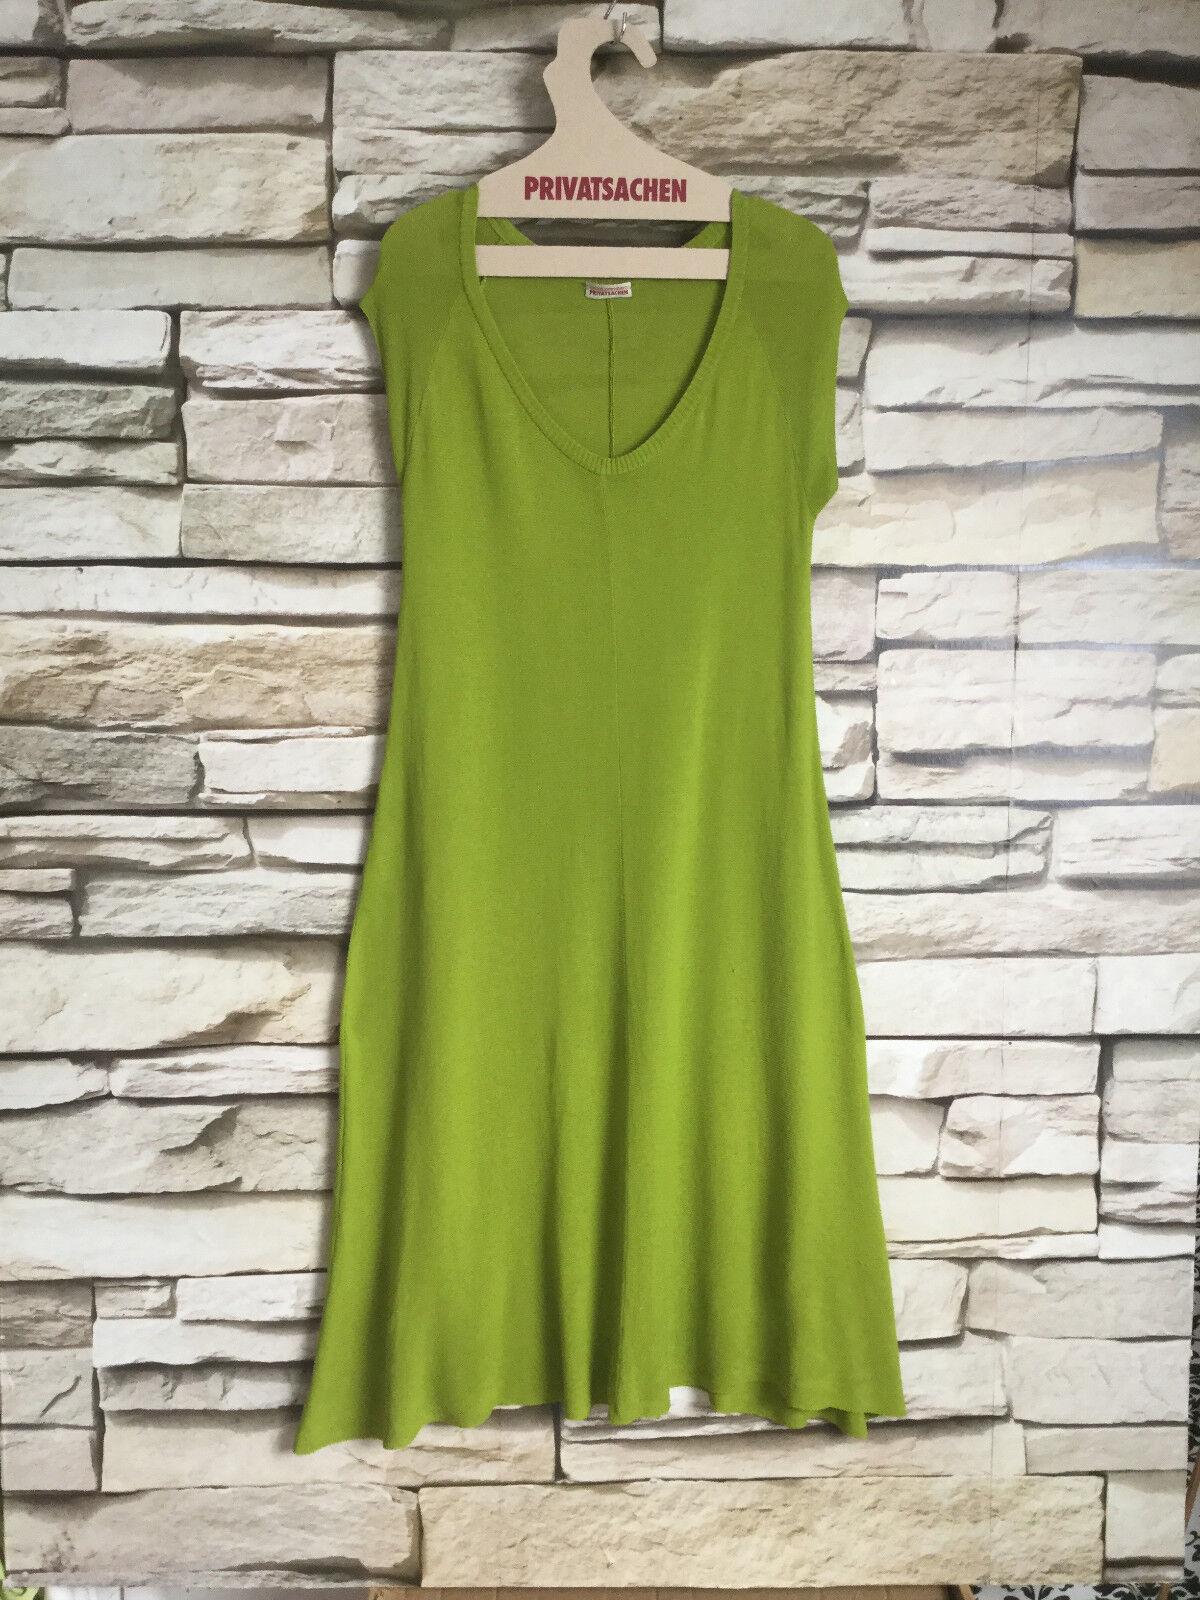 Cocon merz PRIVATSACHEN DERBUNT Kleid aus Baumwolle in in in maigrün Gr. 2 c49466